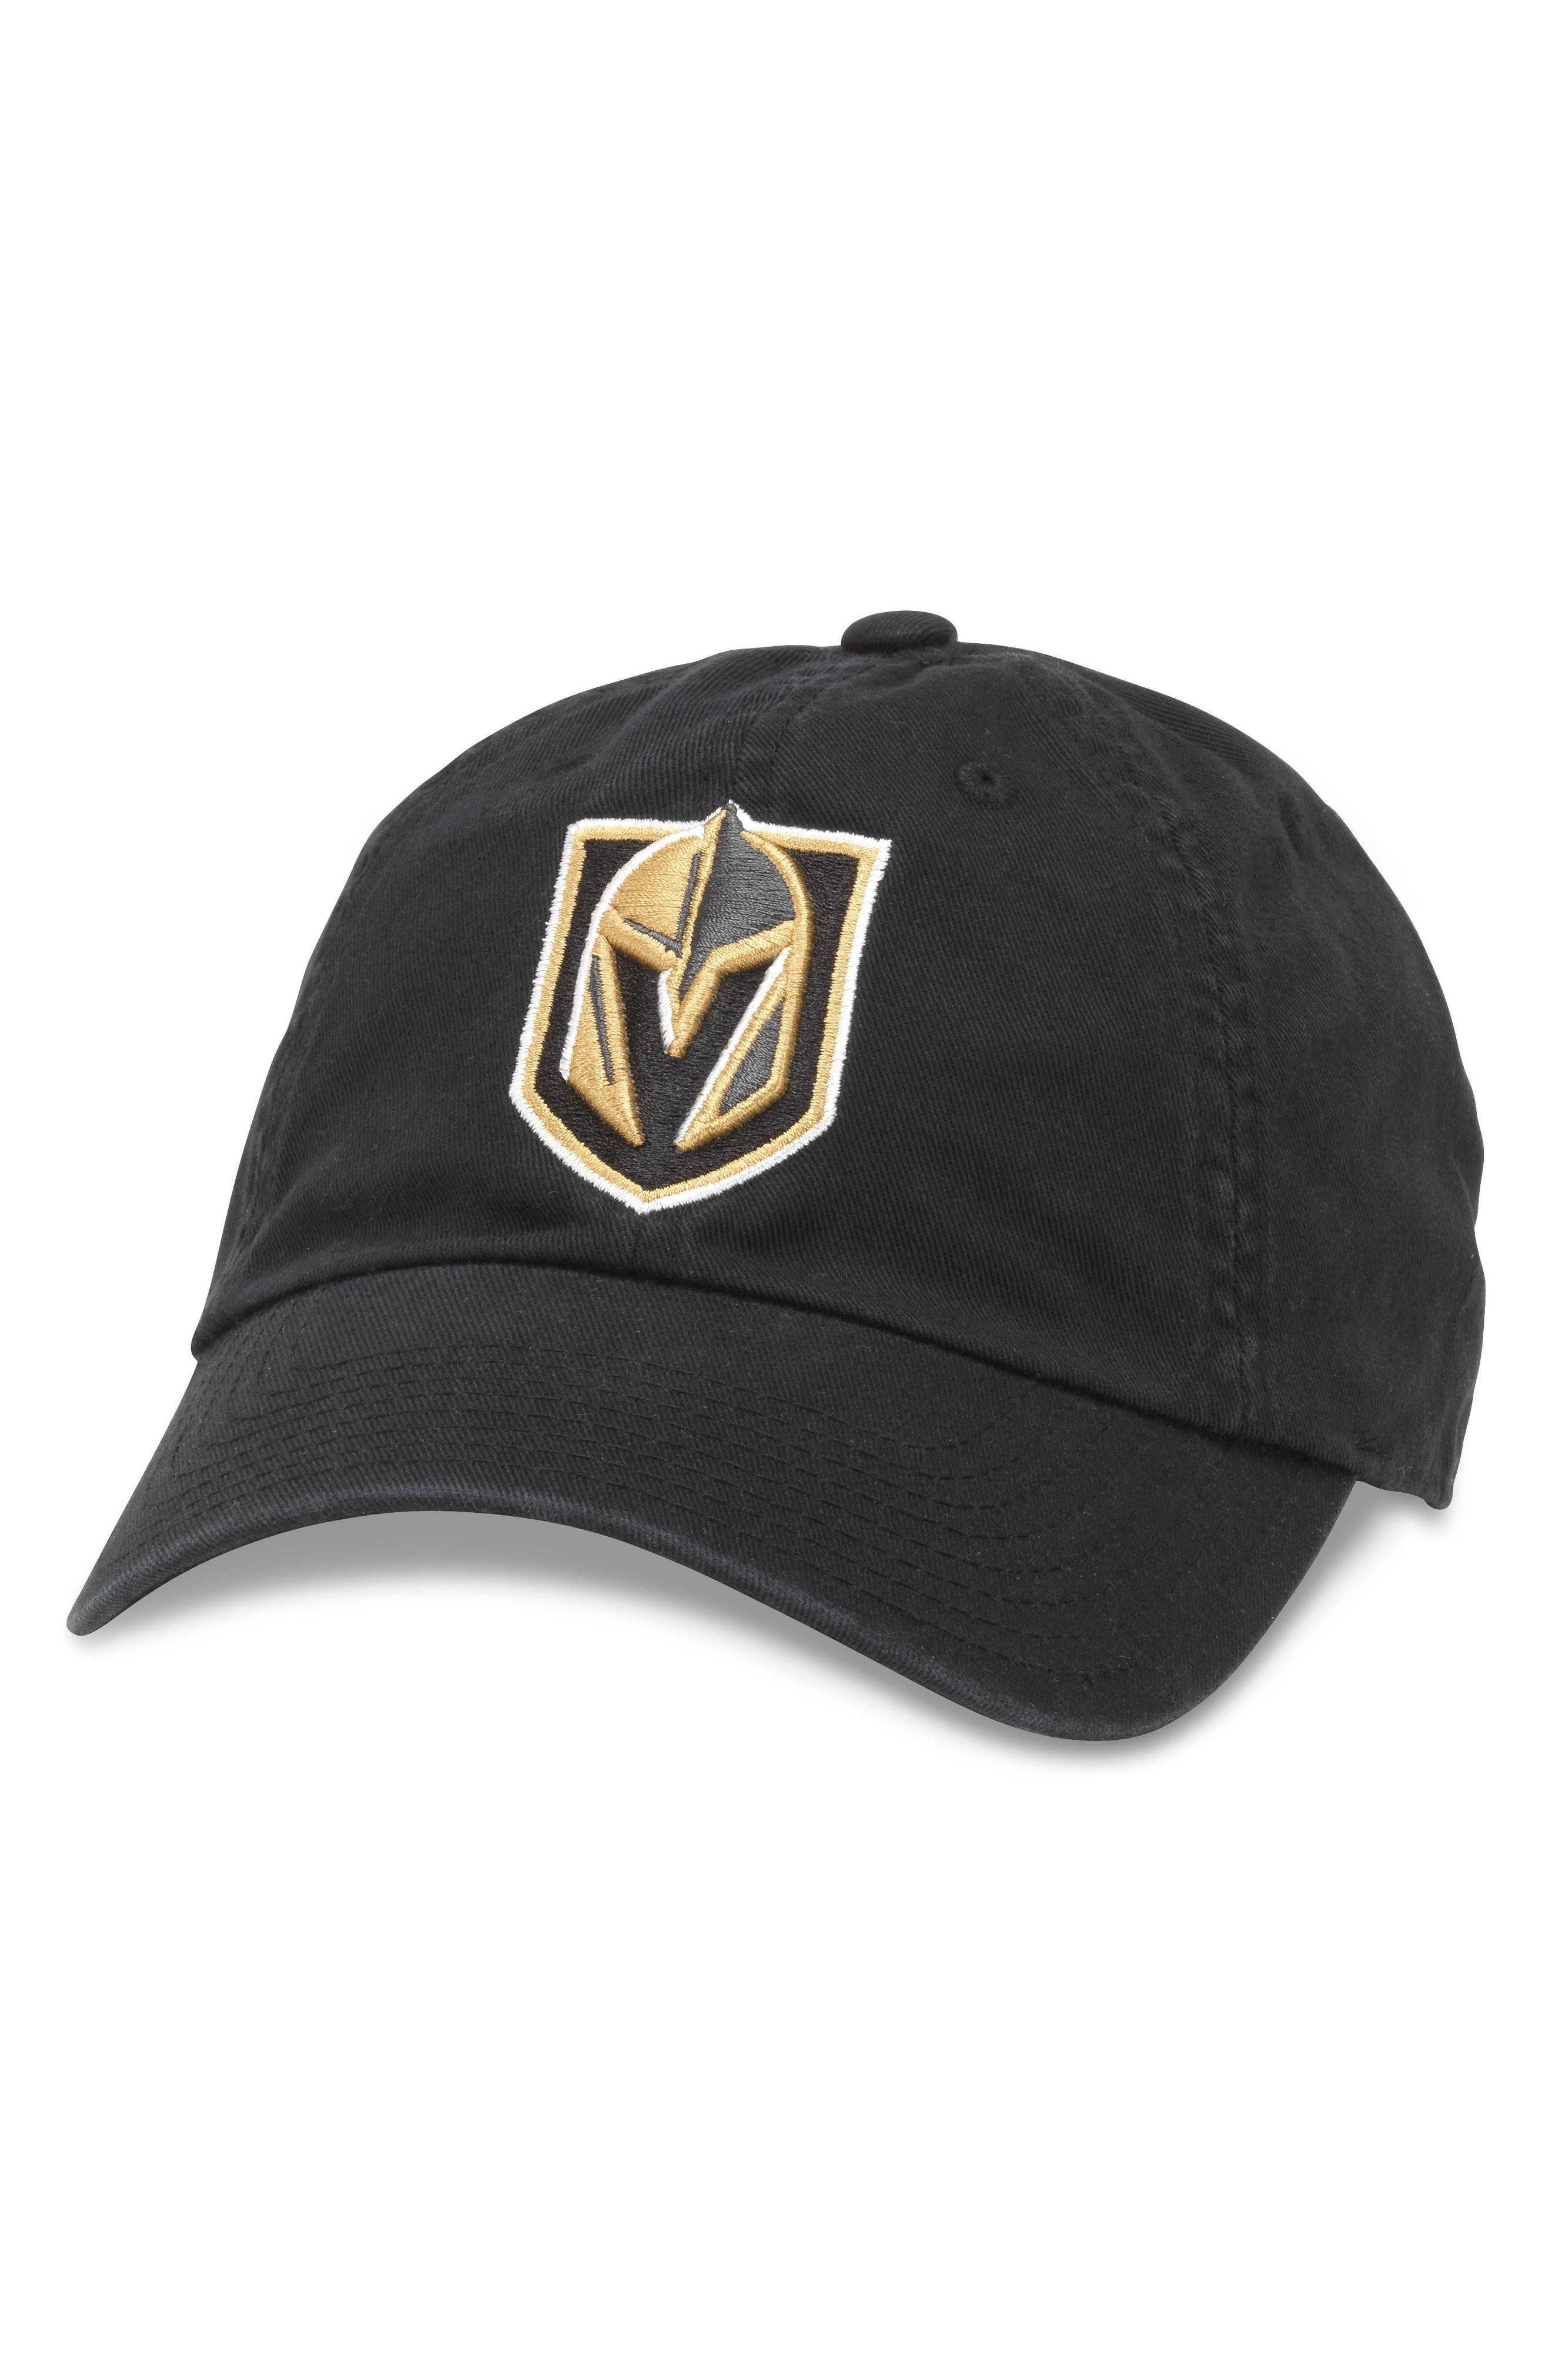 Blue Line NHL Cap,                             Main thumbnail 1, color,                             VEGAS KNIGHTS/ BLACK